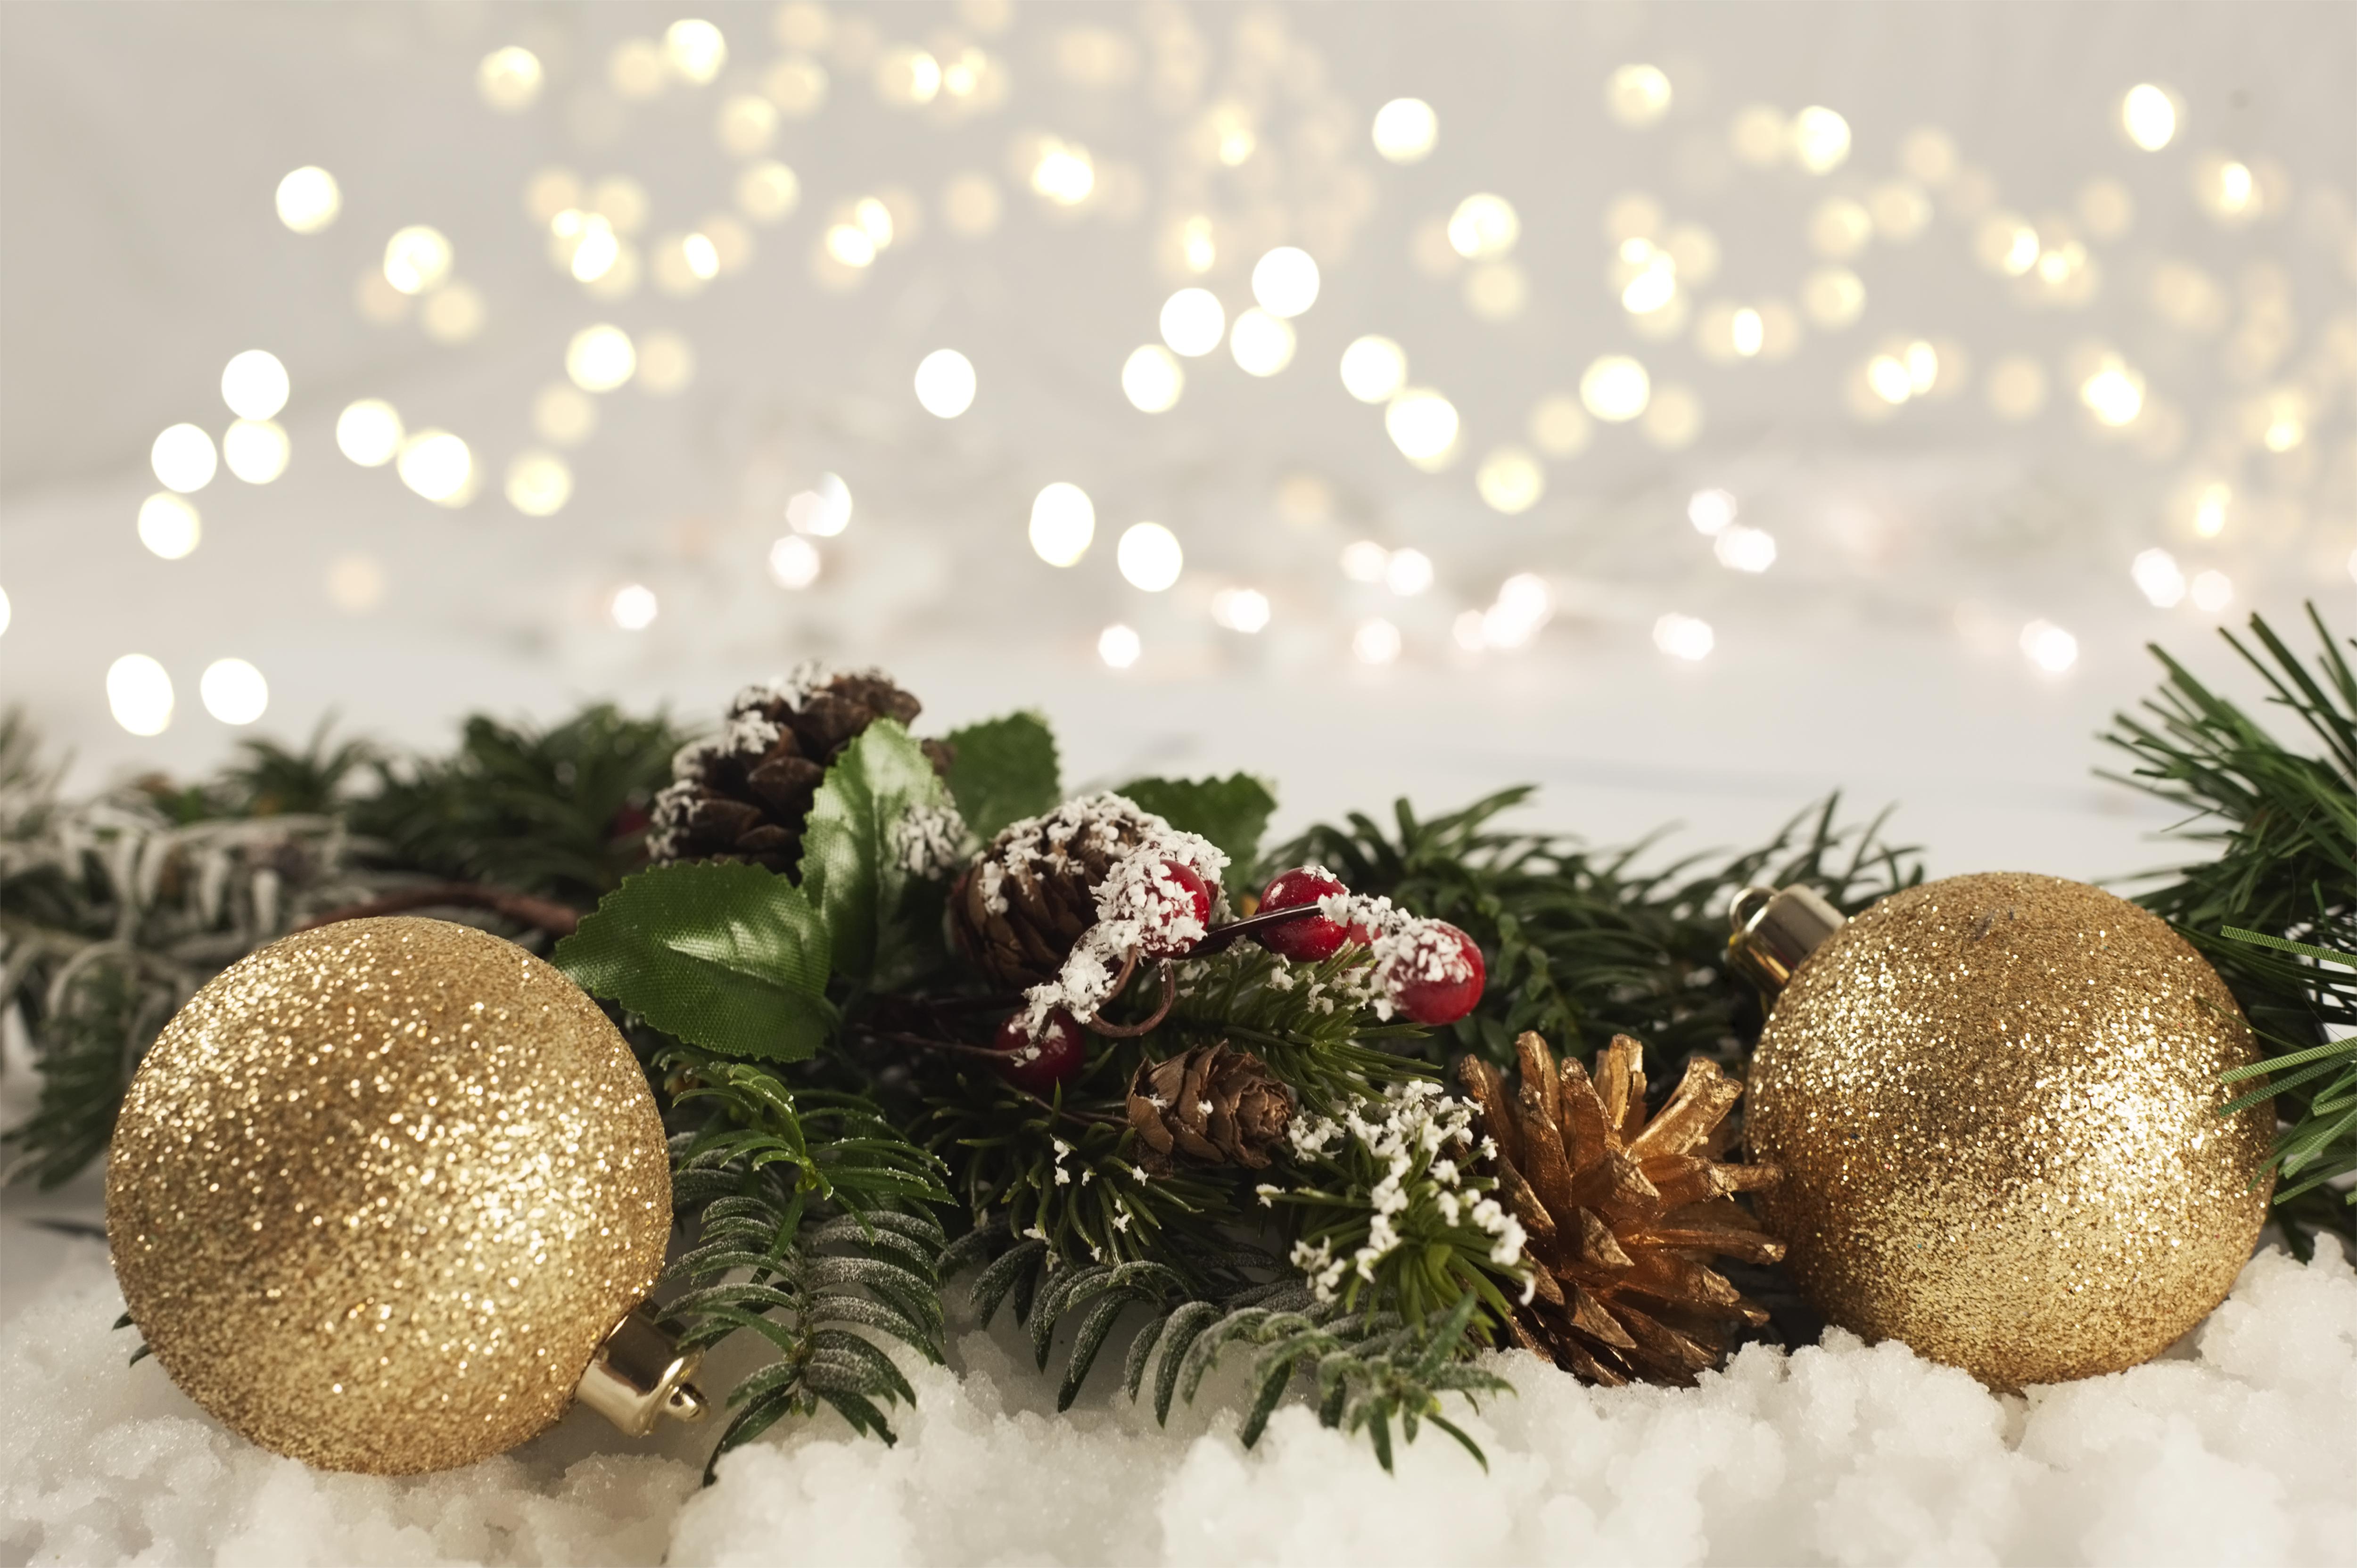 Konkurs Bożonarodzeniowy już po raz XIV w Kolbuszowej  - Zdjęcie główne